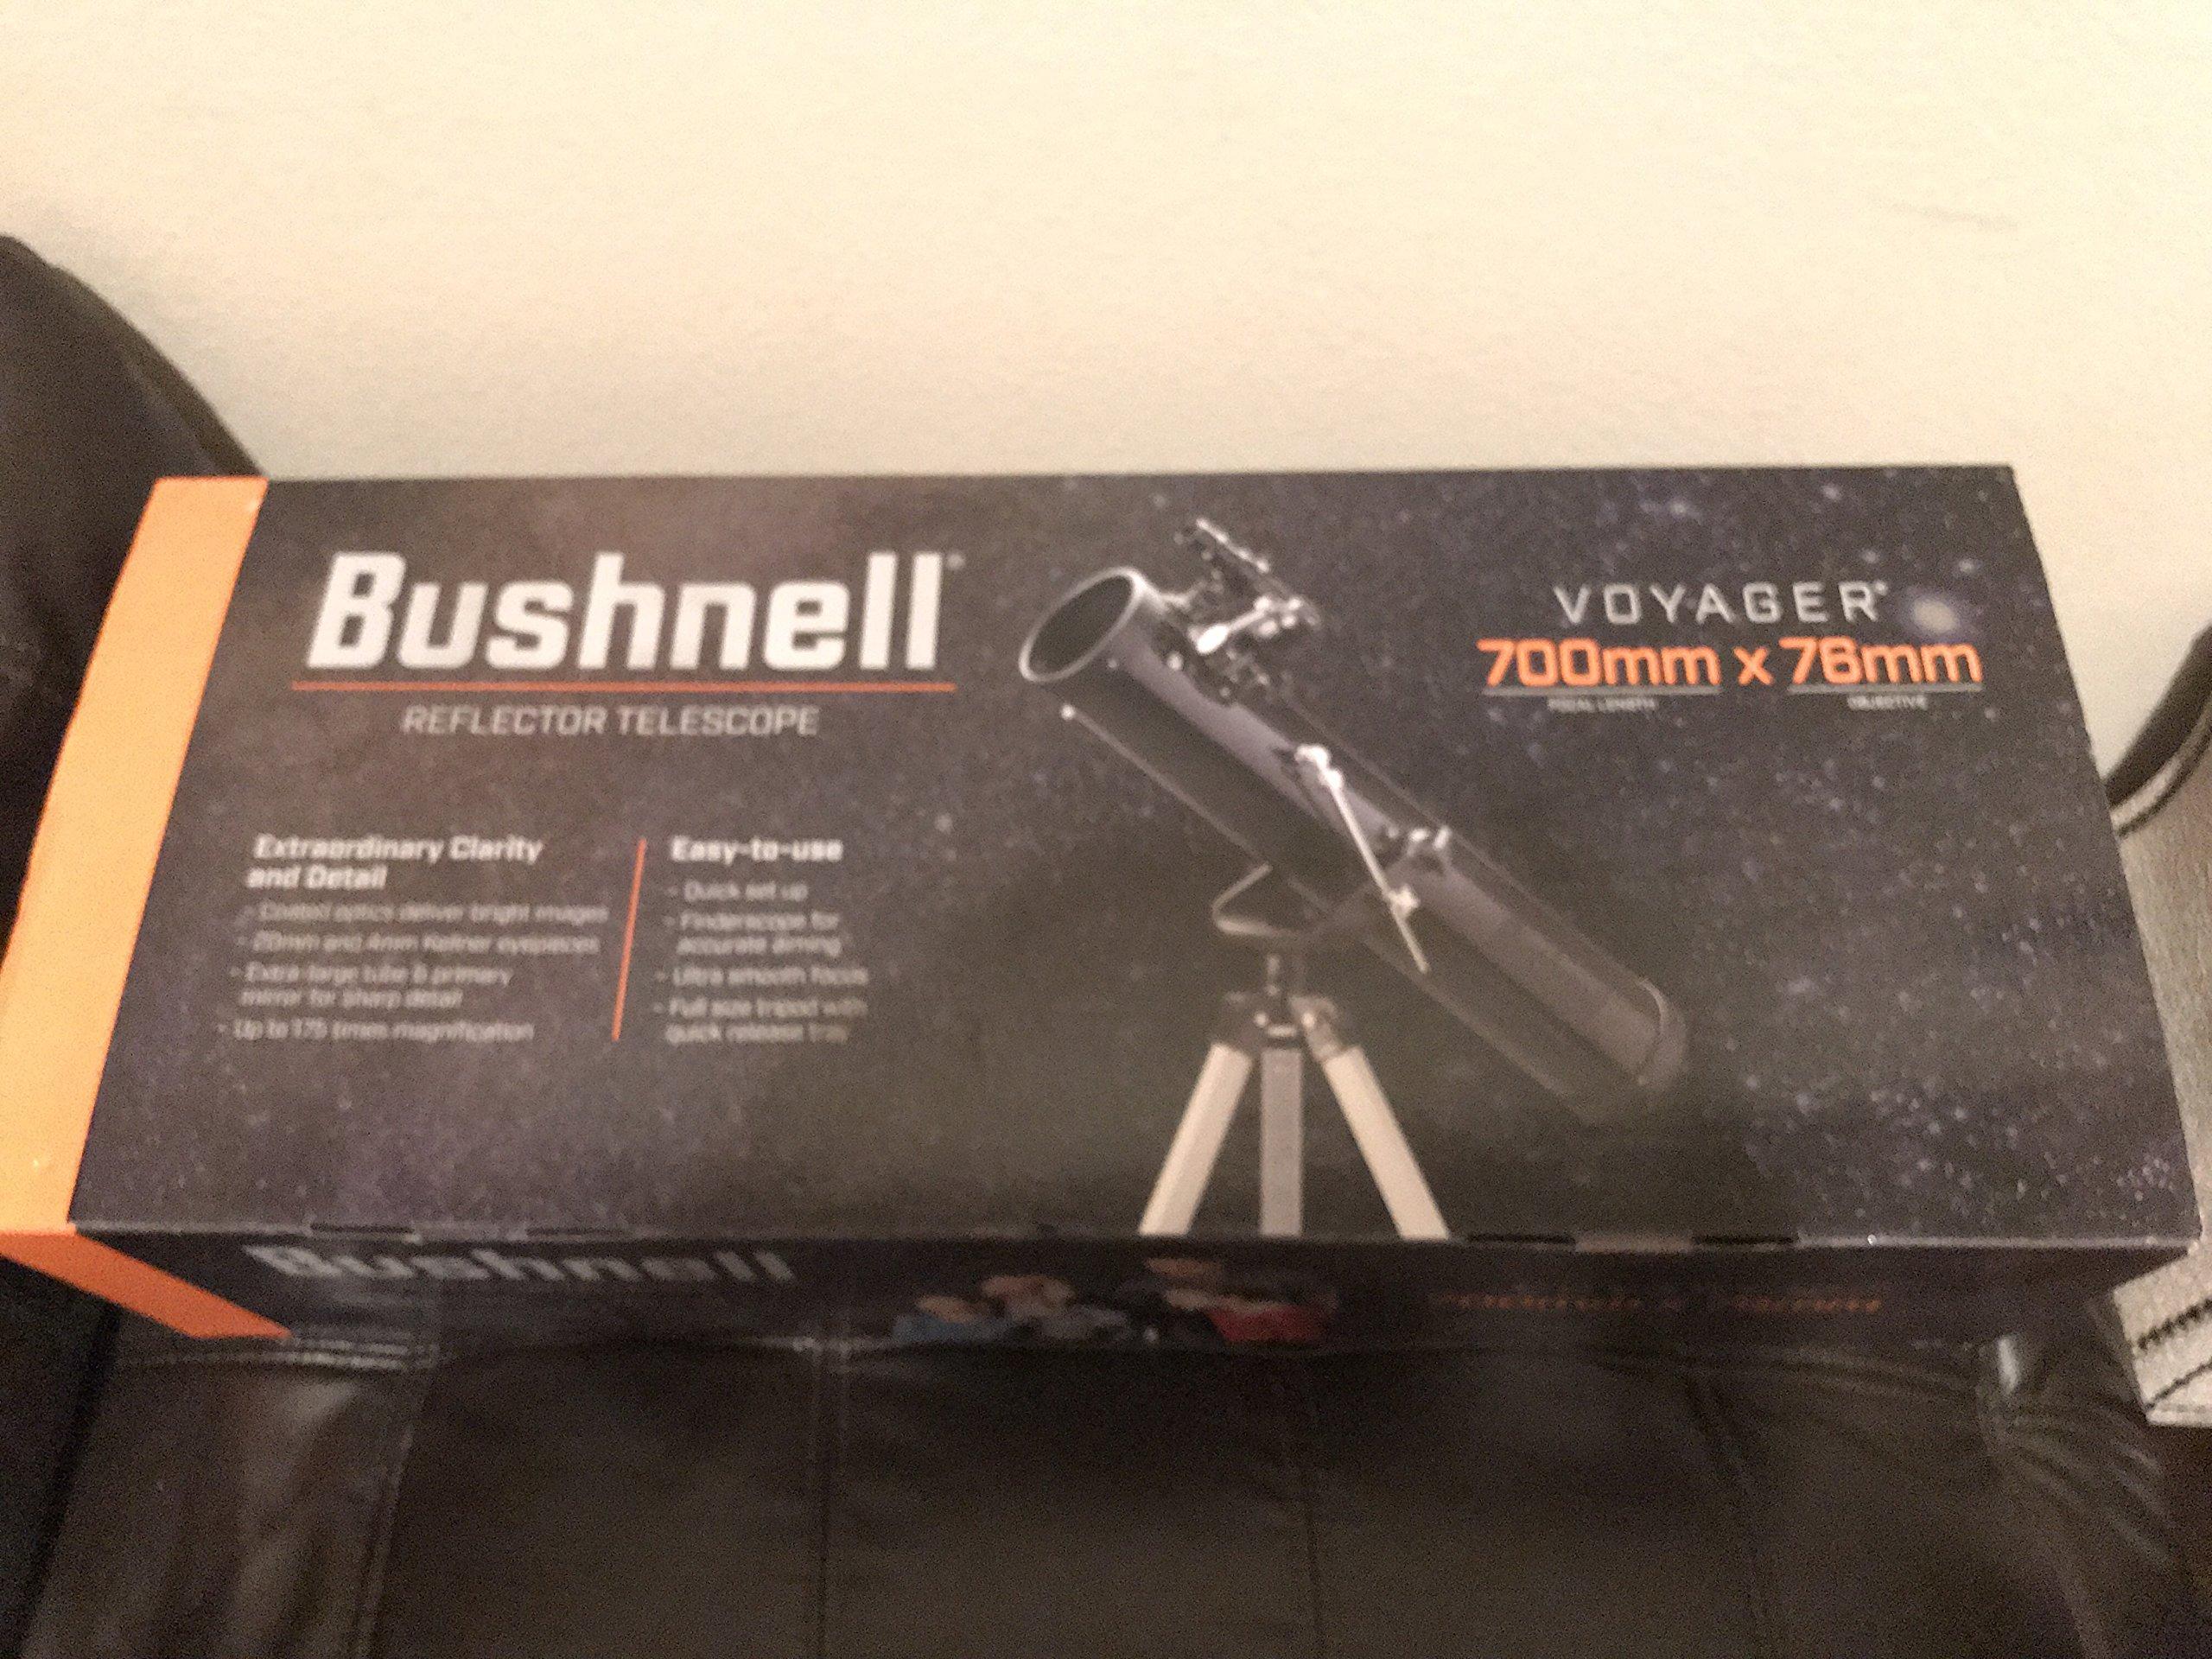 BUSHNELL 789931 Voyager SkyTour 700mm x 76mm Reflector Telescope